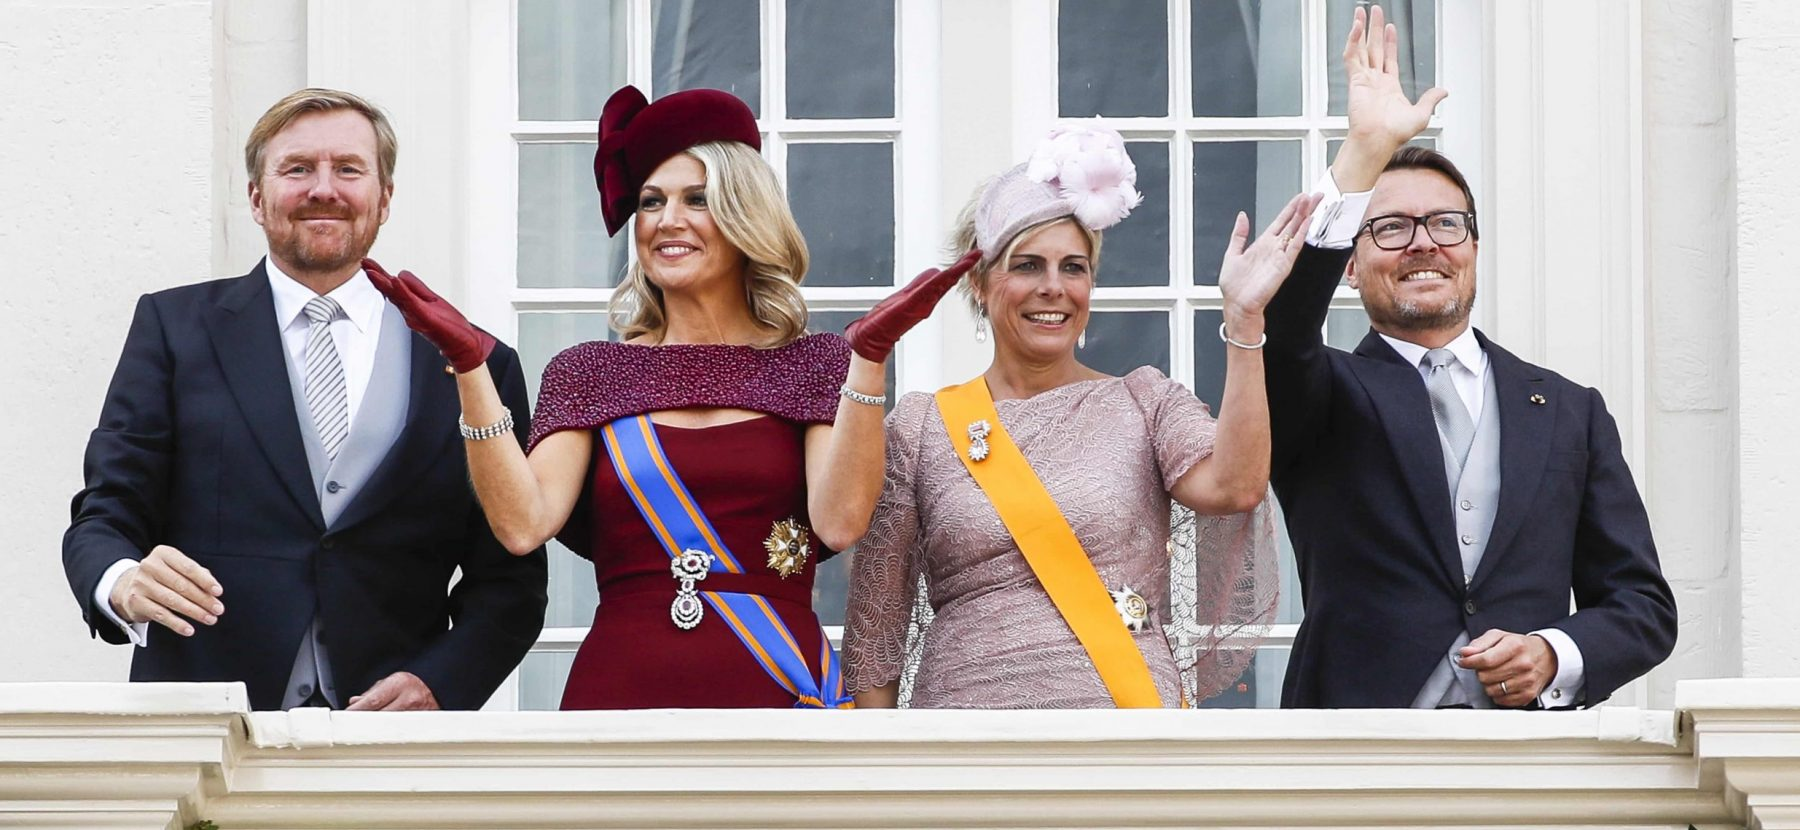 Ook dát nog: geen balkonscène op Prinsjesdag vanwege coronavirus